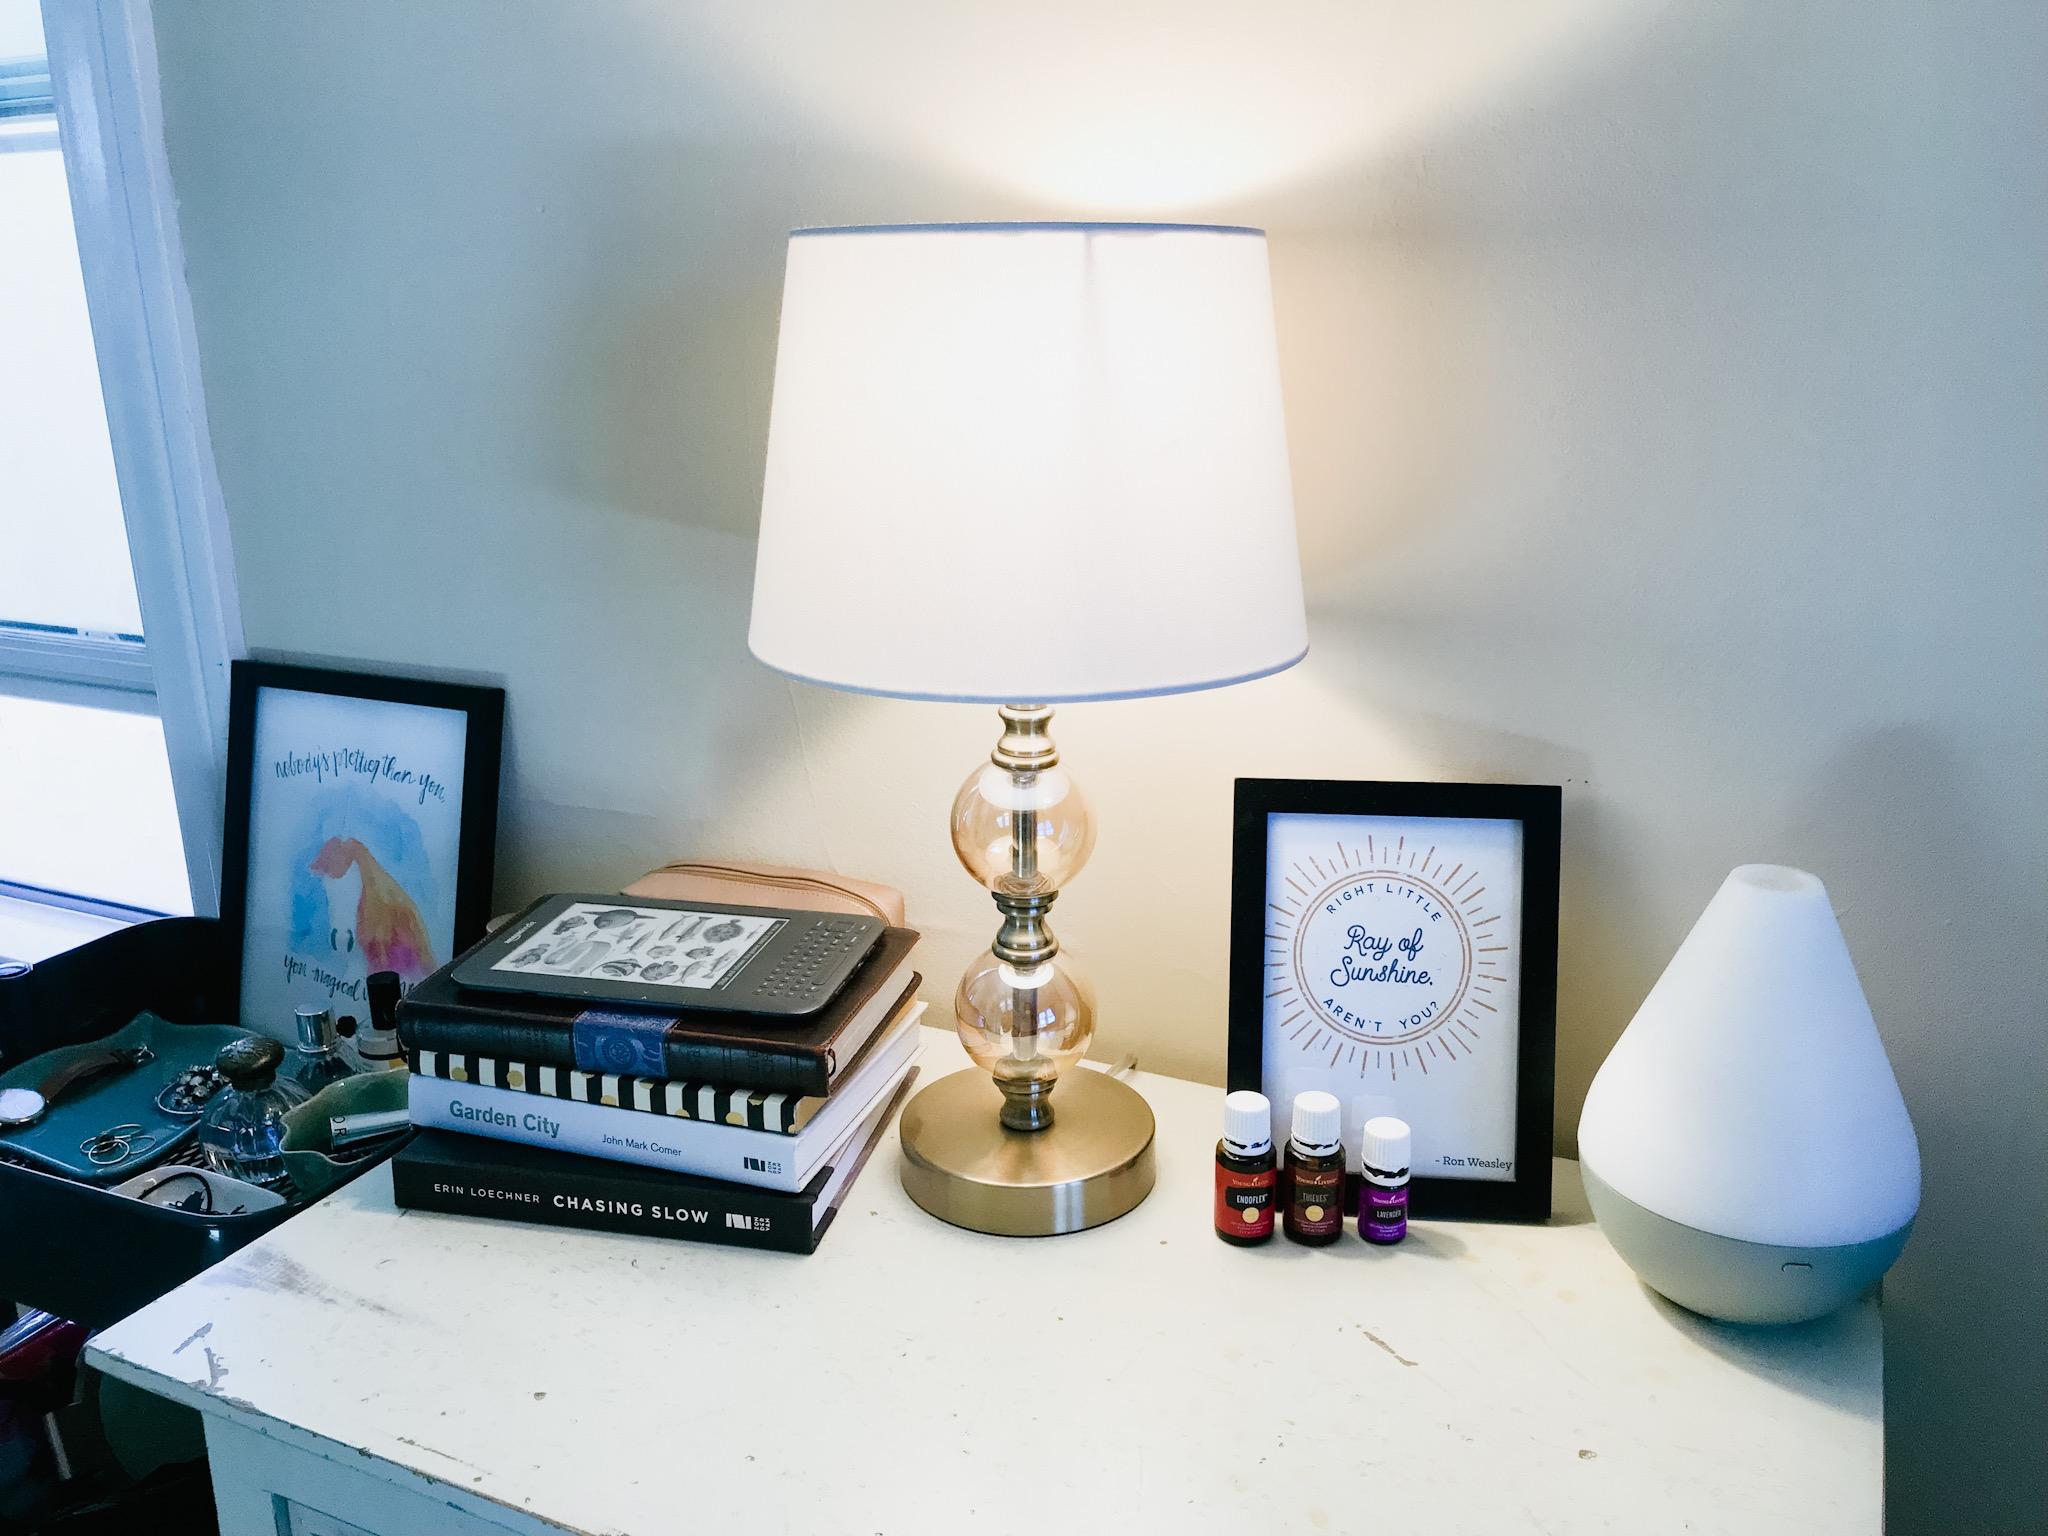 minimalism minimalist simple living